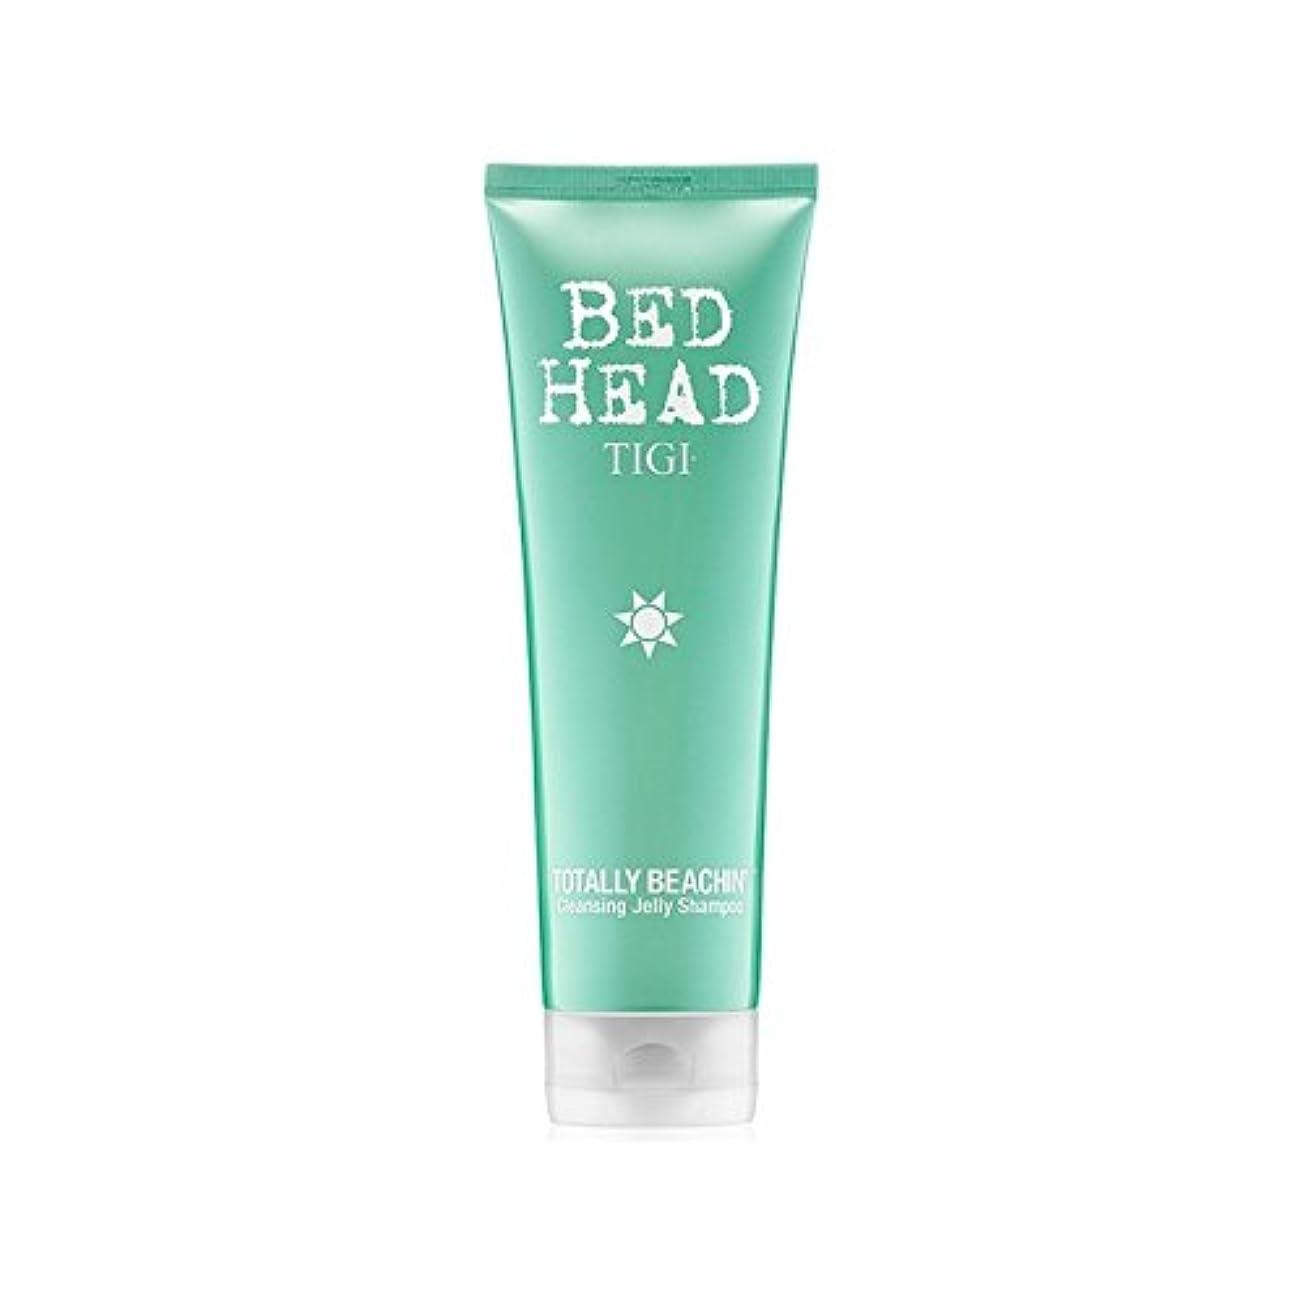 エイズサージバタフライTigi Bed Head Totally Beachin Cleansing Jelly Shampoo (250ml) (Pack of 6) - 完全にクレンジングゼリーシャンプー(250ミリリットル)ティジーベッドヘッド x6 [並行輸入品]